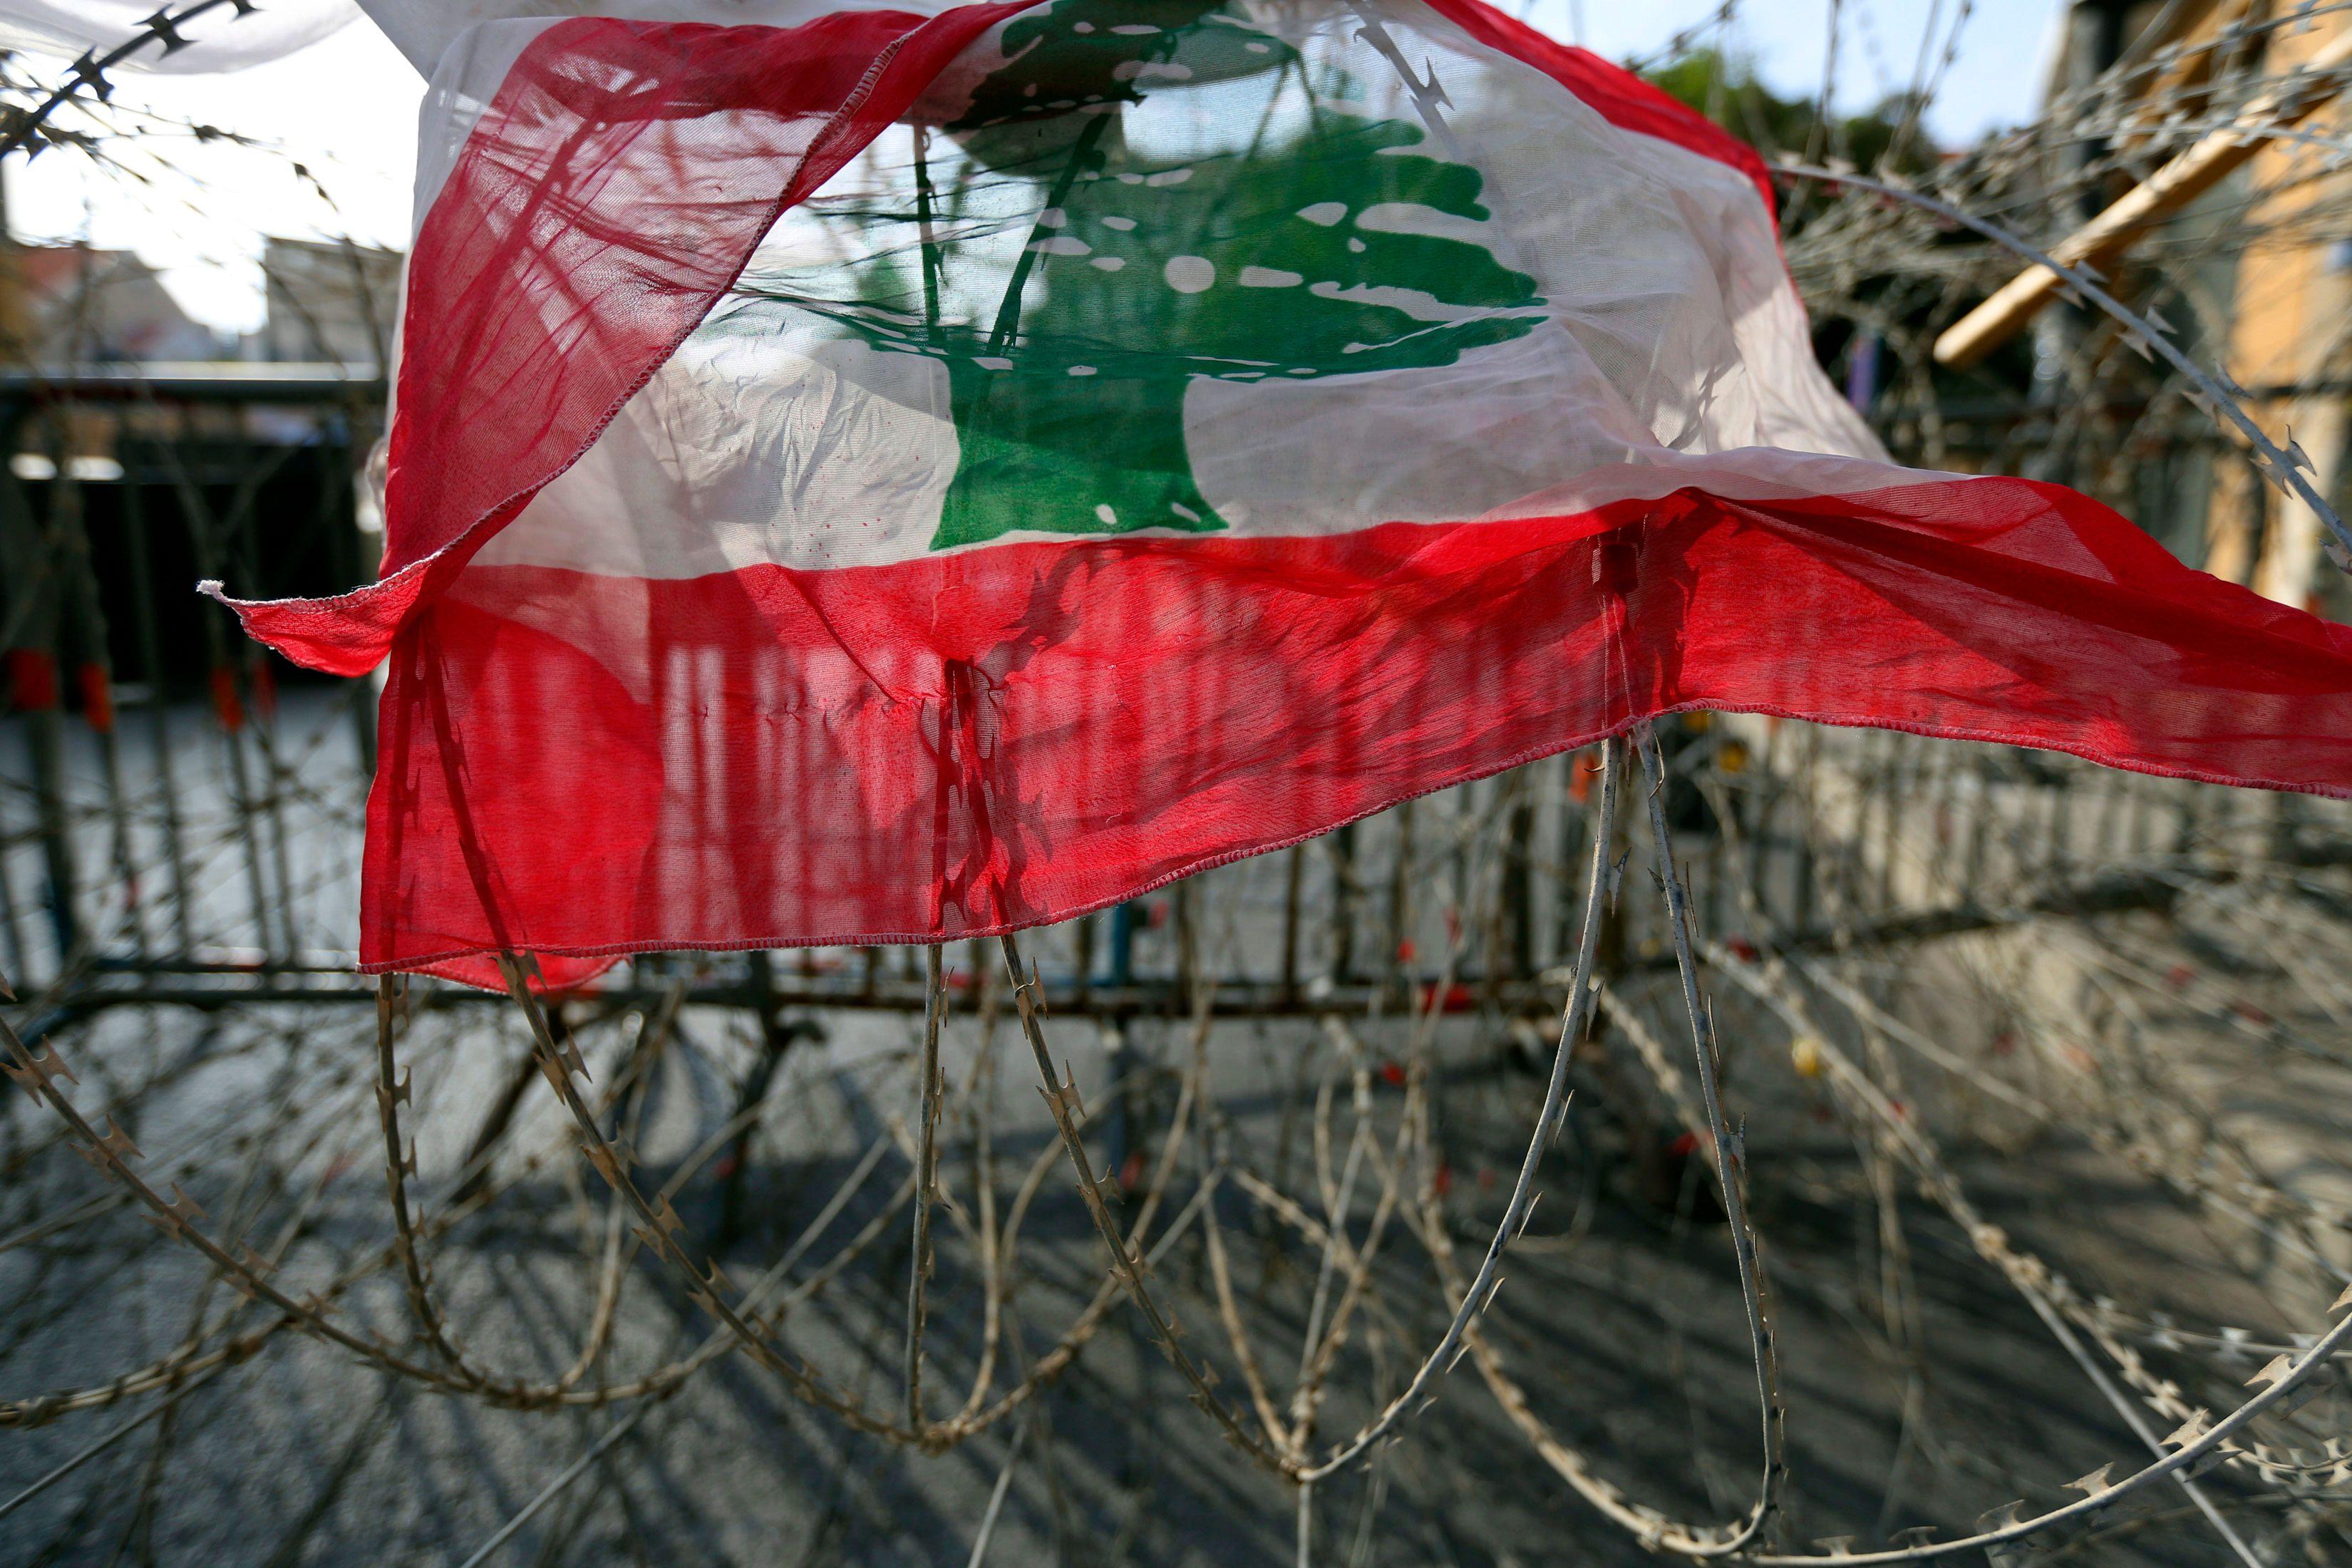 Risque d'explosion : à quelle réplique des Iraniens s'attendre suite au coup de pression saoudien sur Saad Hariri ?